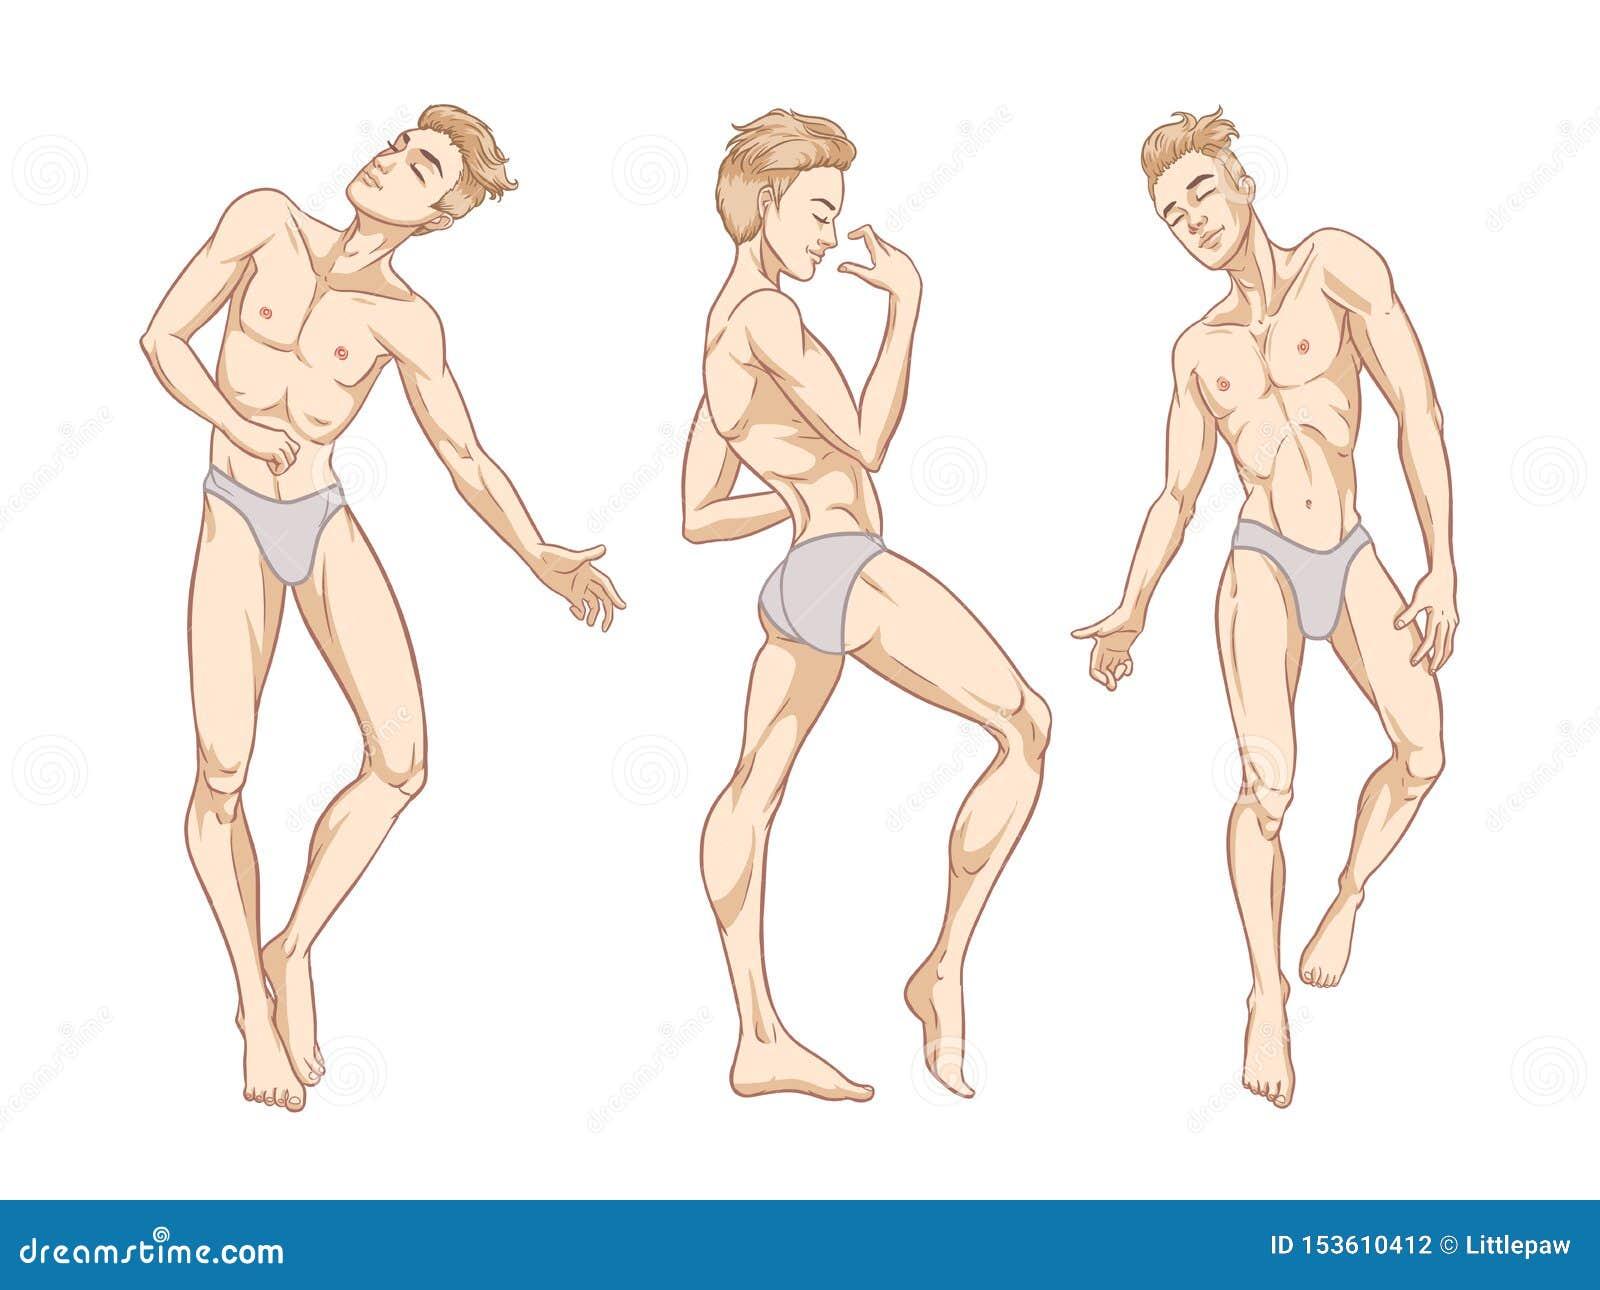 Gay boy stripper